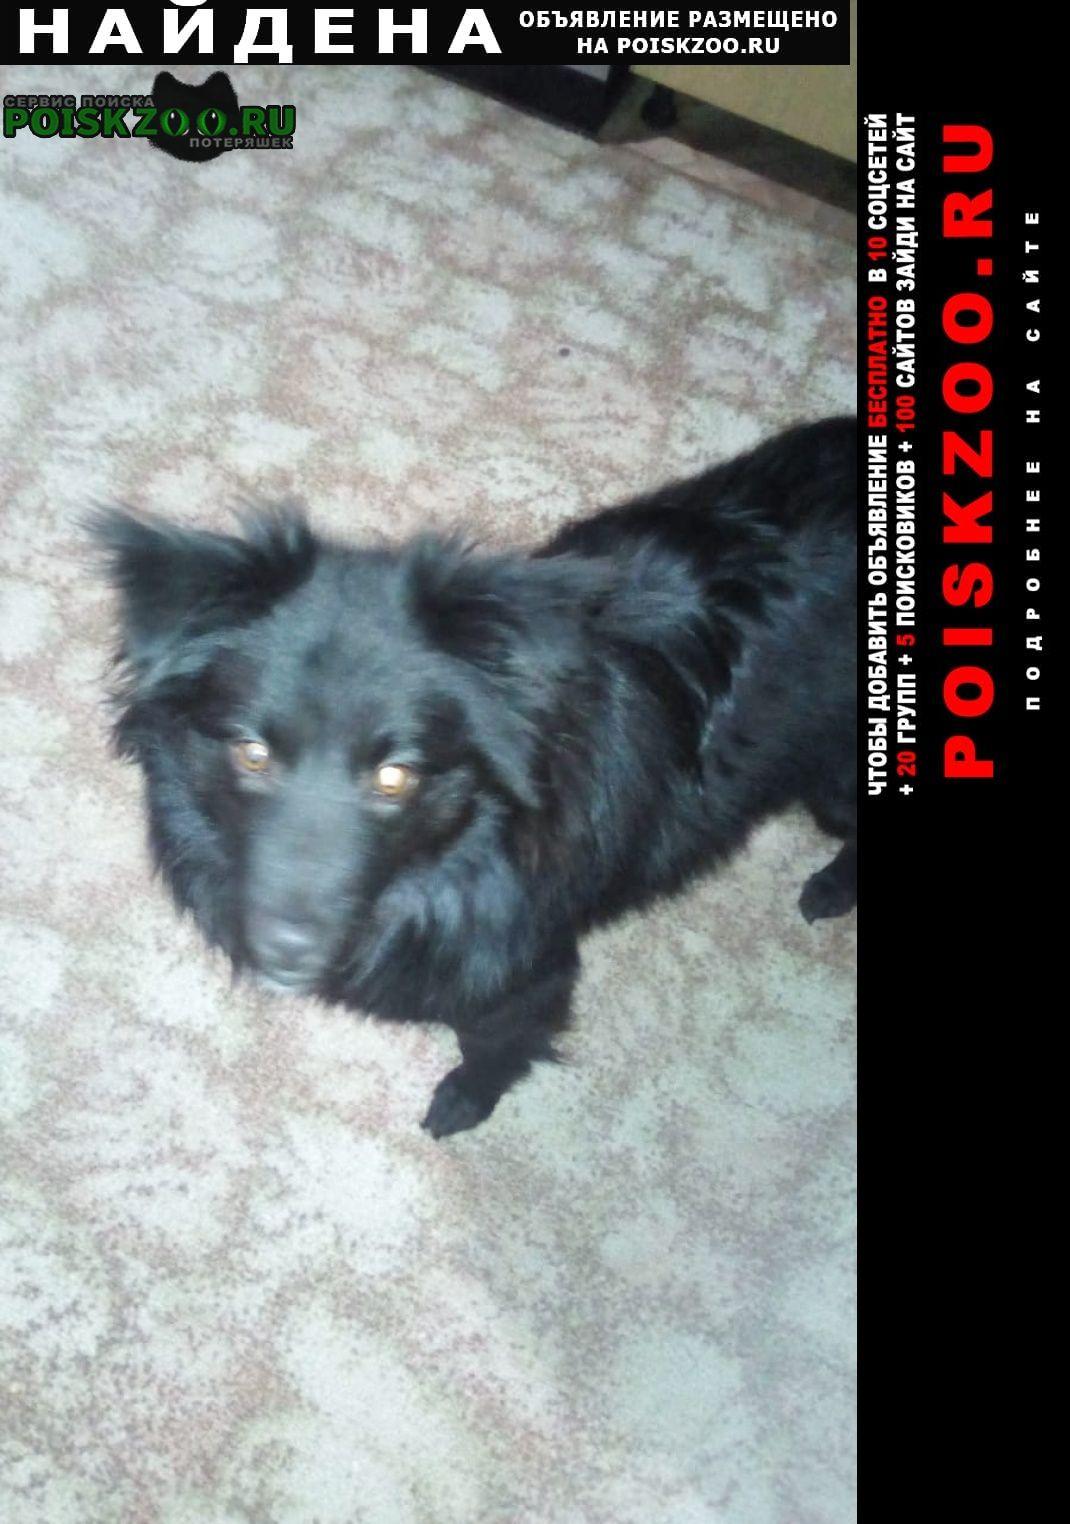 Найдена собака в районе ст.сортировки пос.7 ключей Екатеринбург